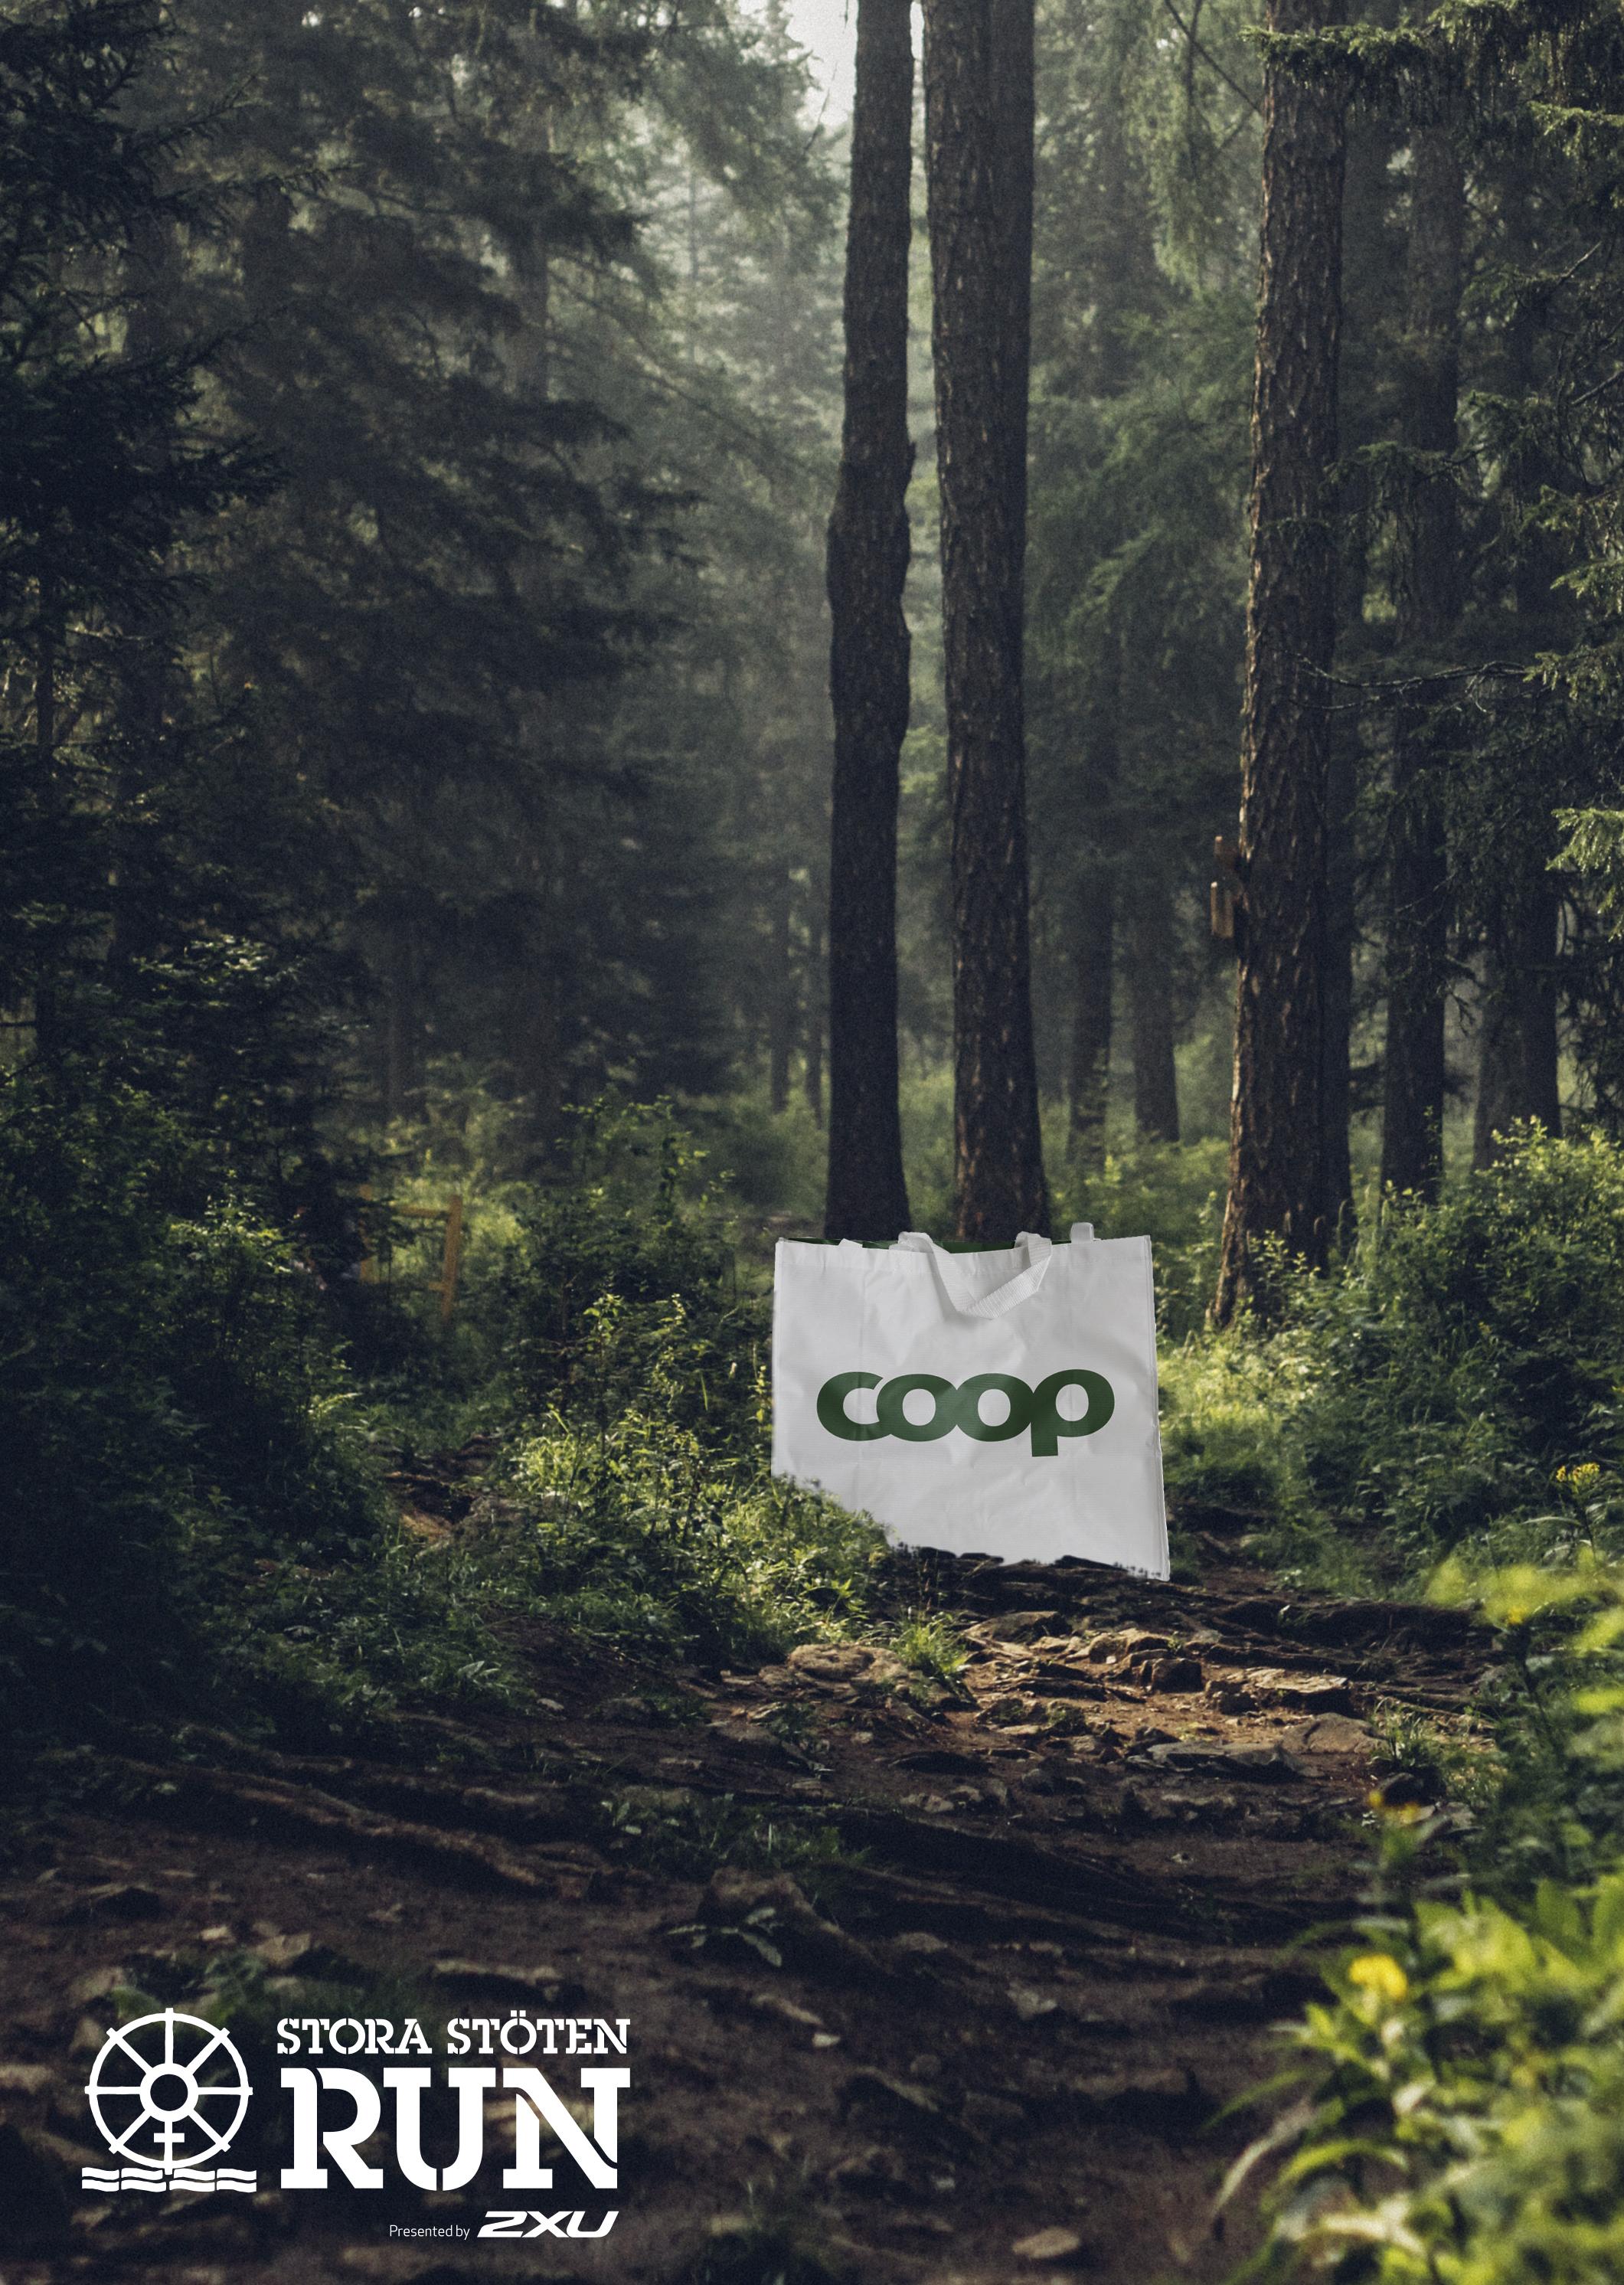 I samarbete med Coop.